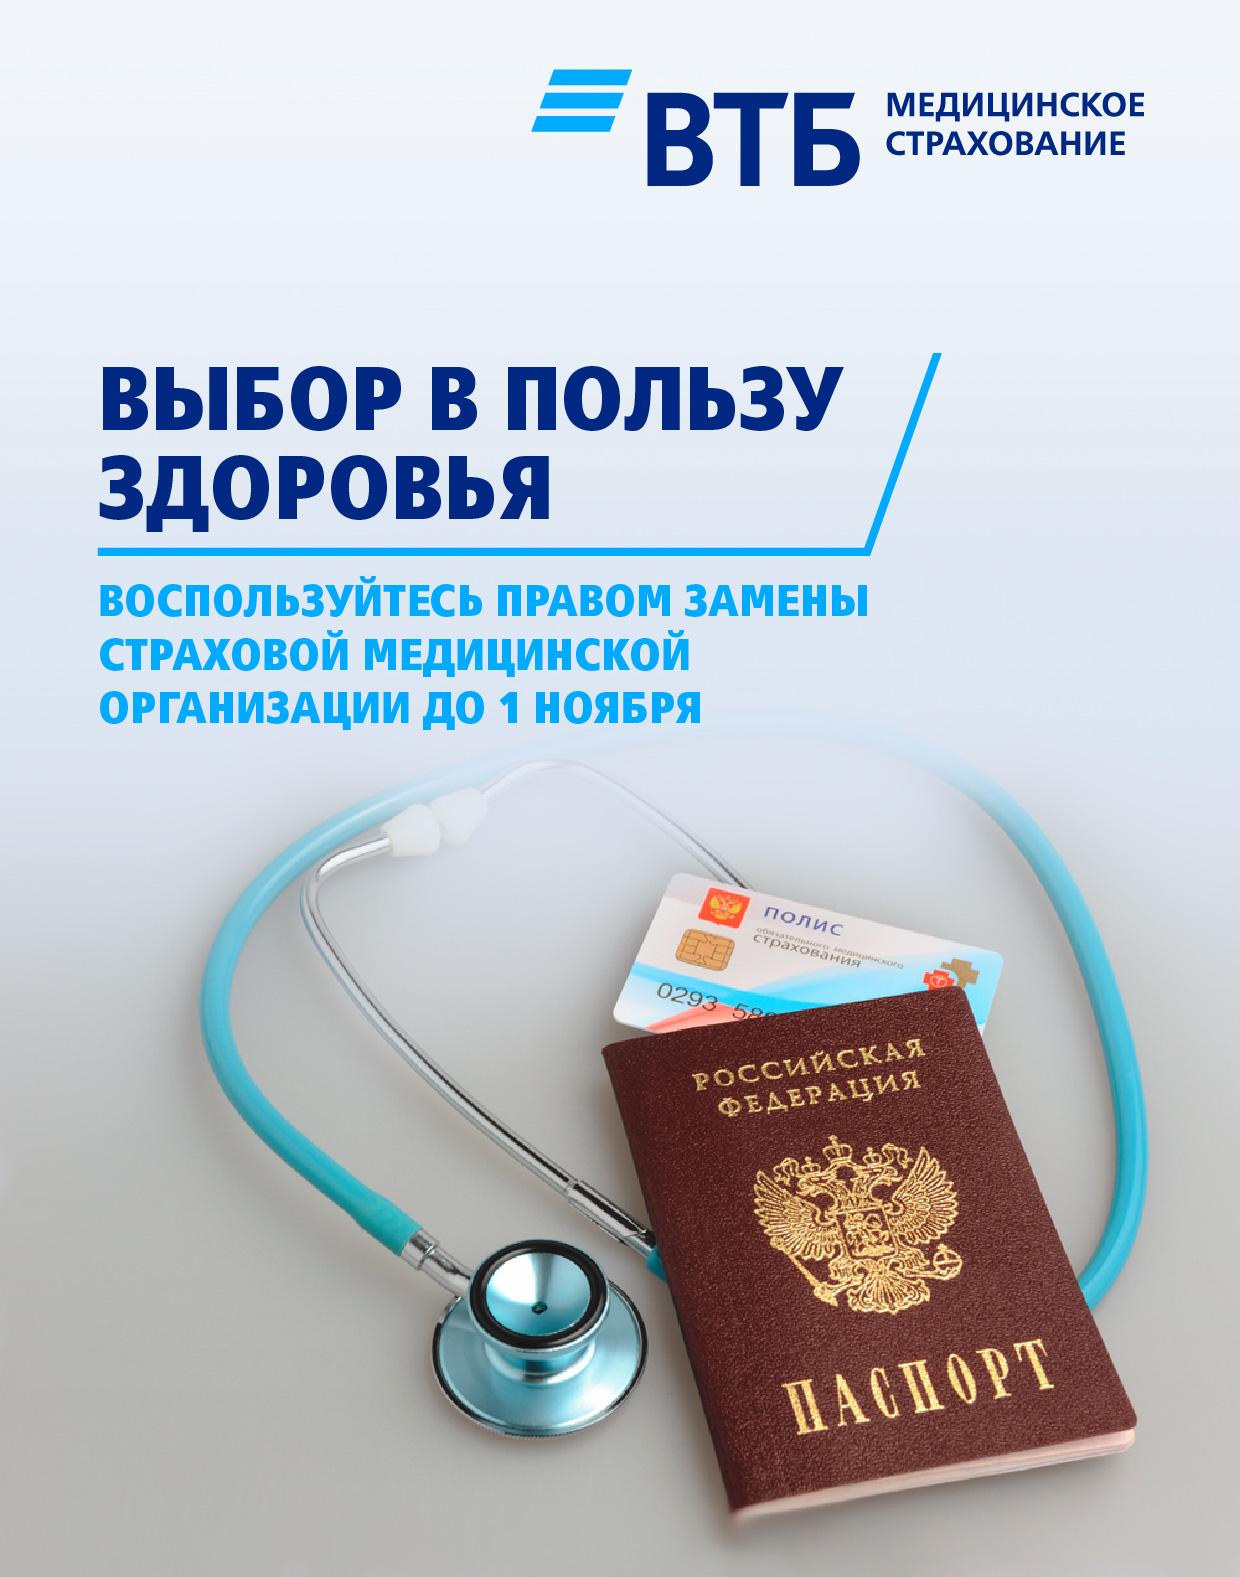 Сделайте выбор в пользу здоровья - воспользуйтесь правом замены страховой медицинской организации до 1 ноября!